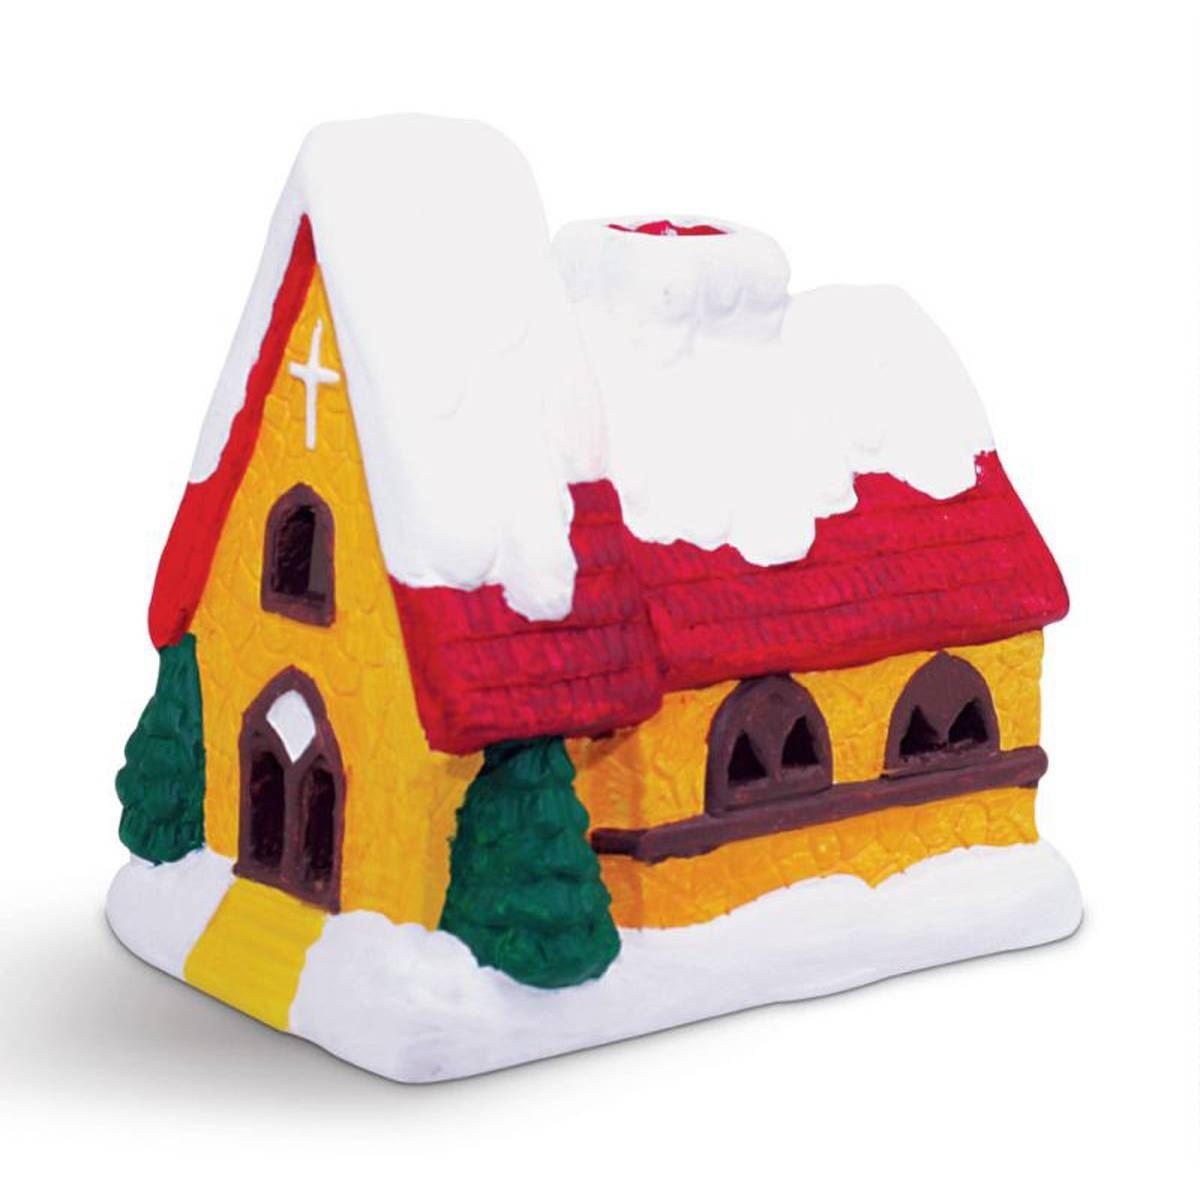 Hobbycraft Paint Your Own Led Tea Light Holder Church Kit Christmas Kids Craft Ebay